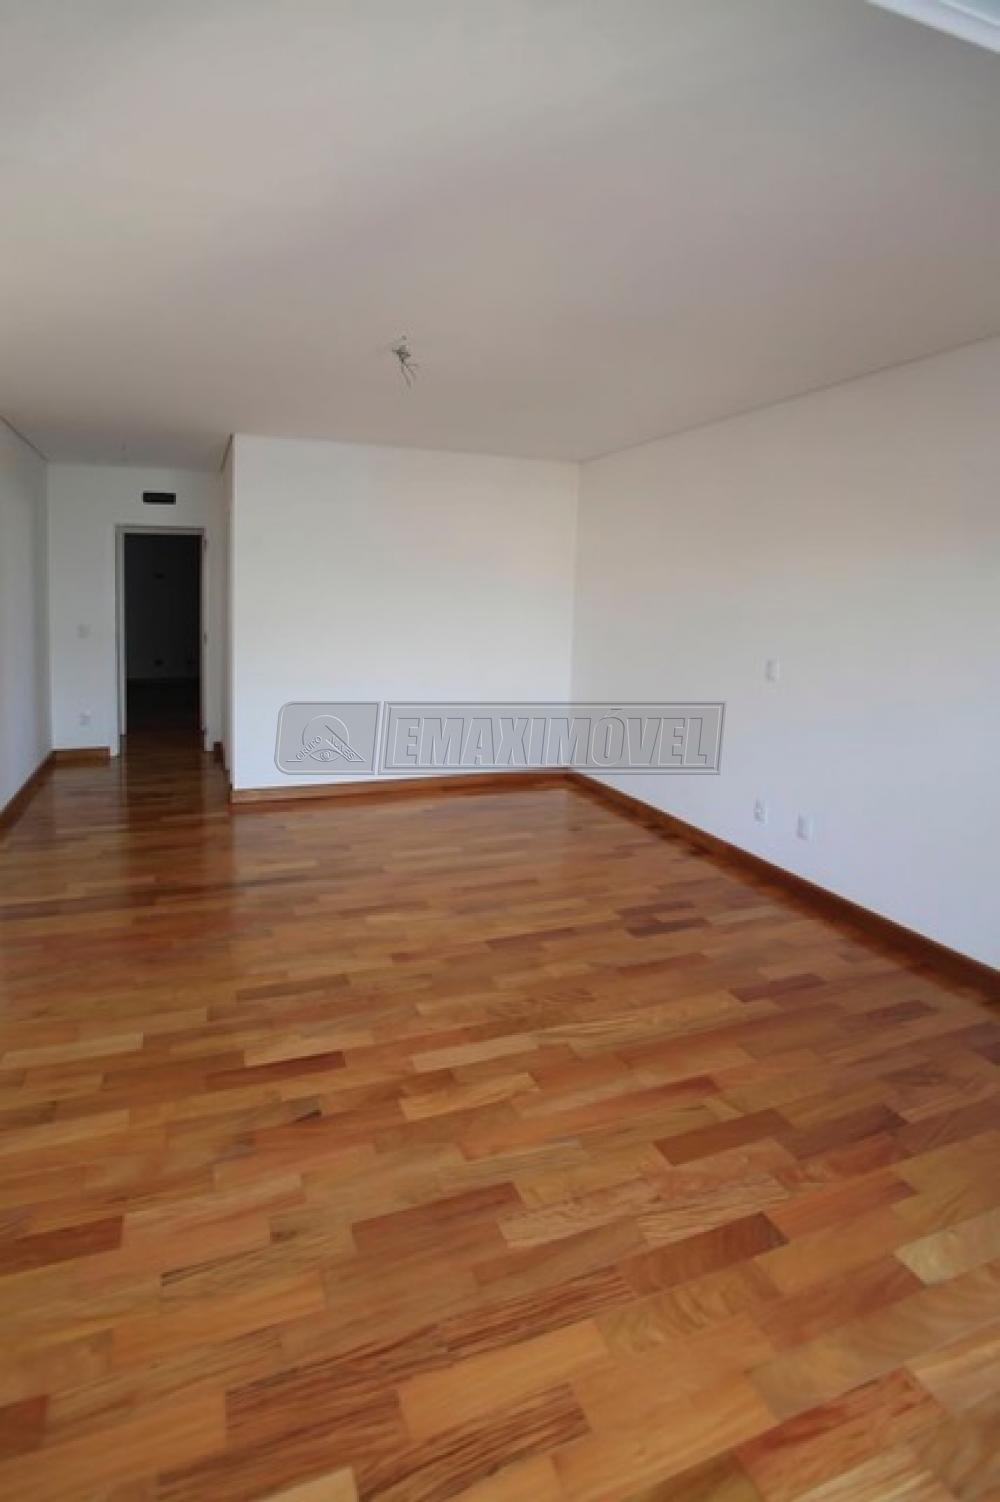 Comprar Apartamentos / Apto Padrão em Sorocaba apenas R$ 1.800.000,00 - Foto 3